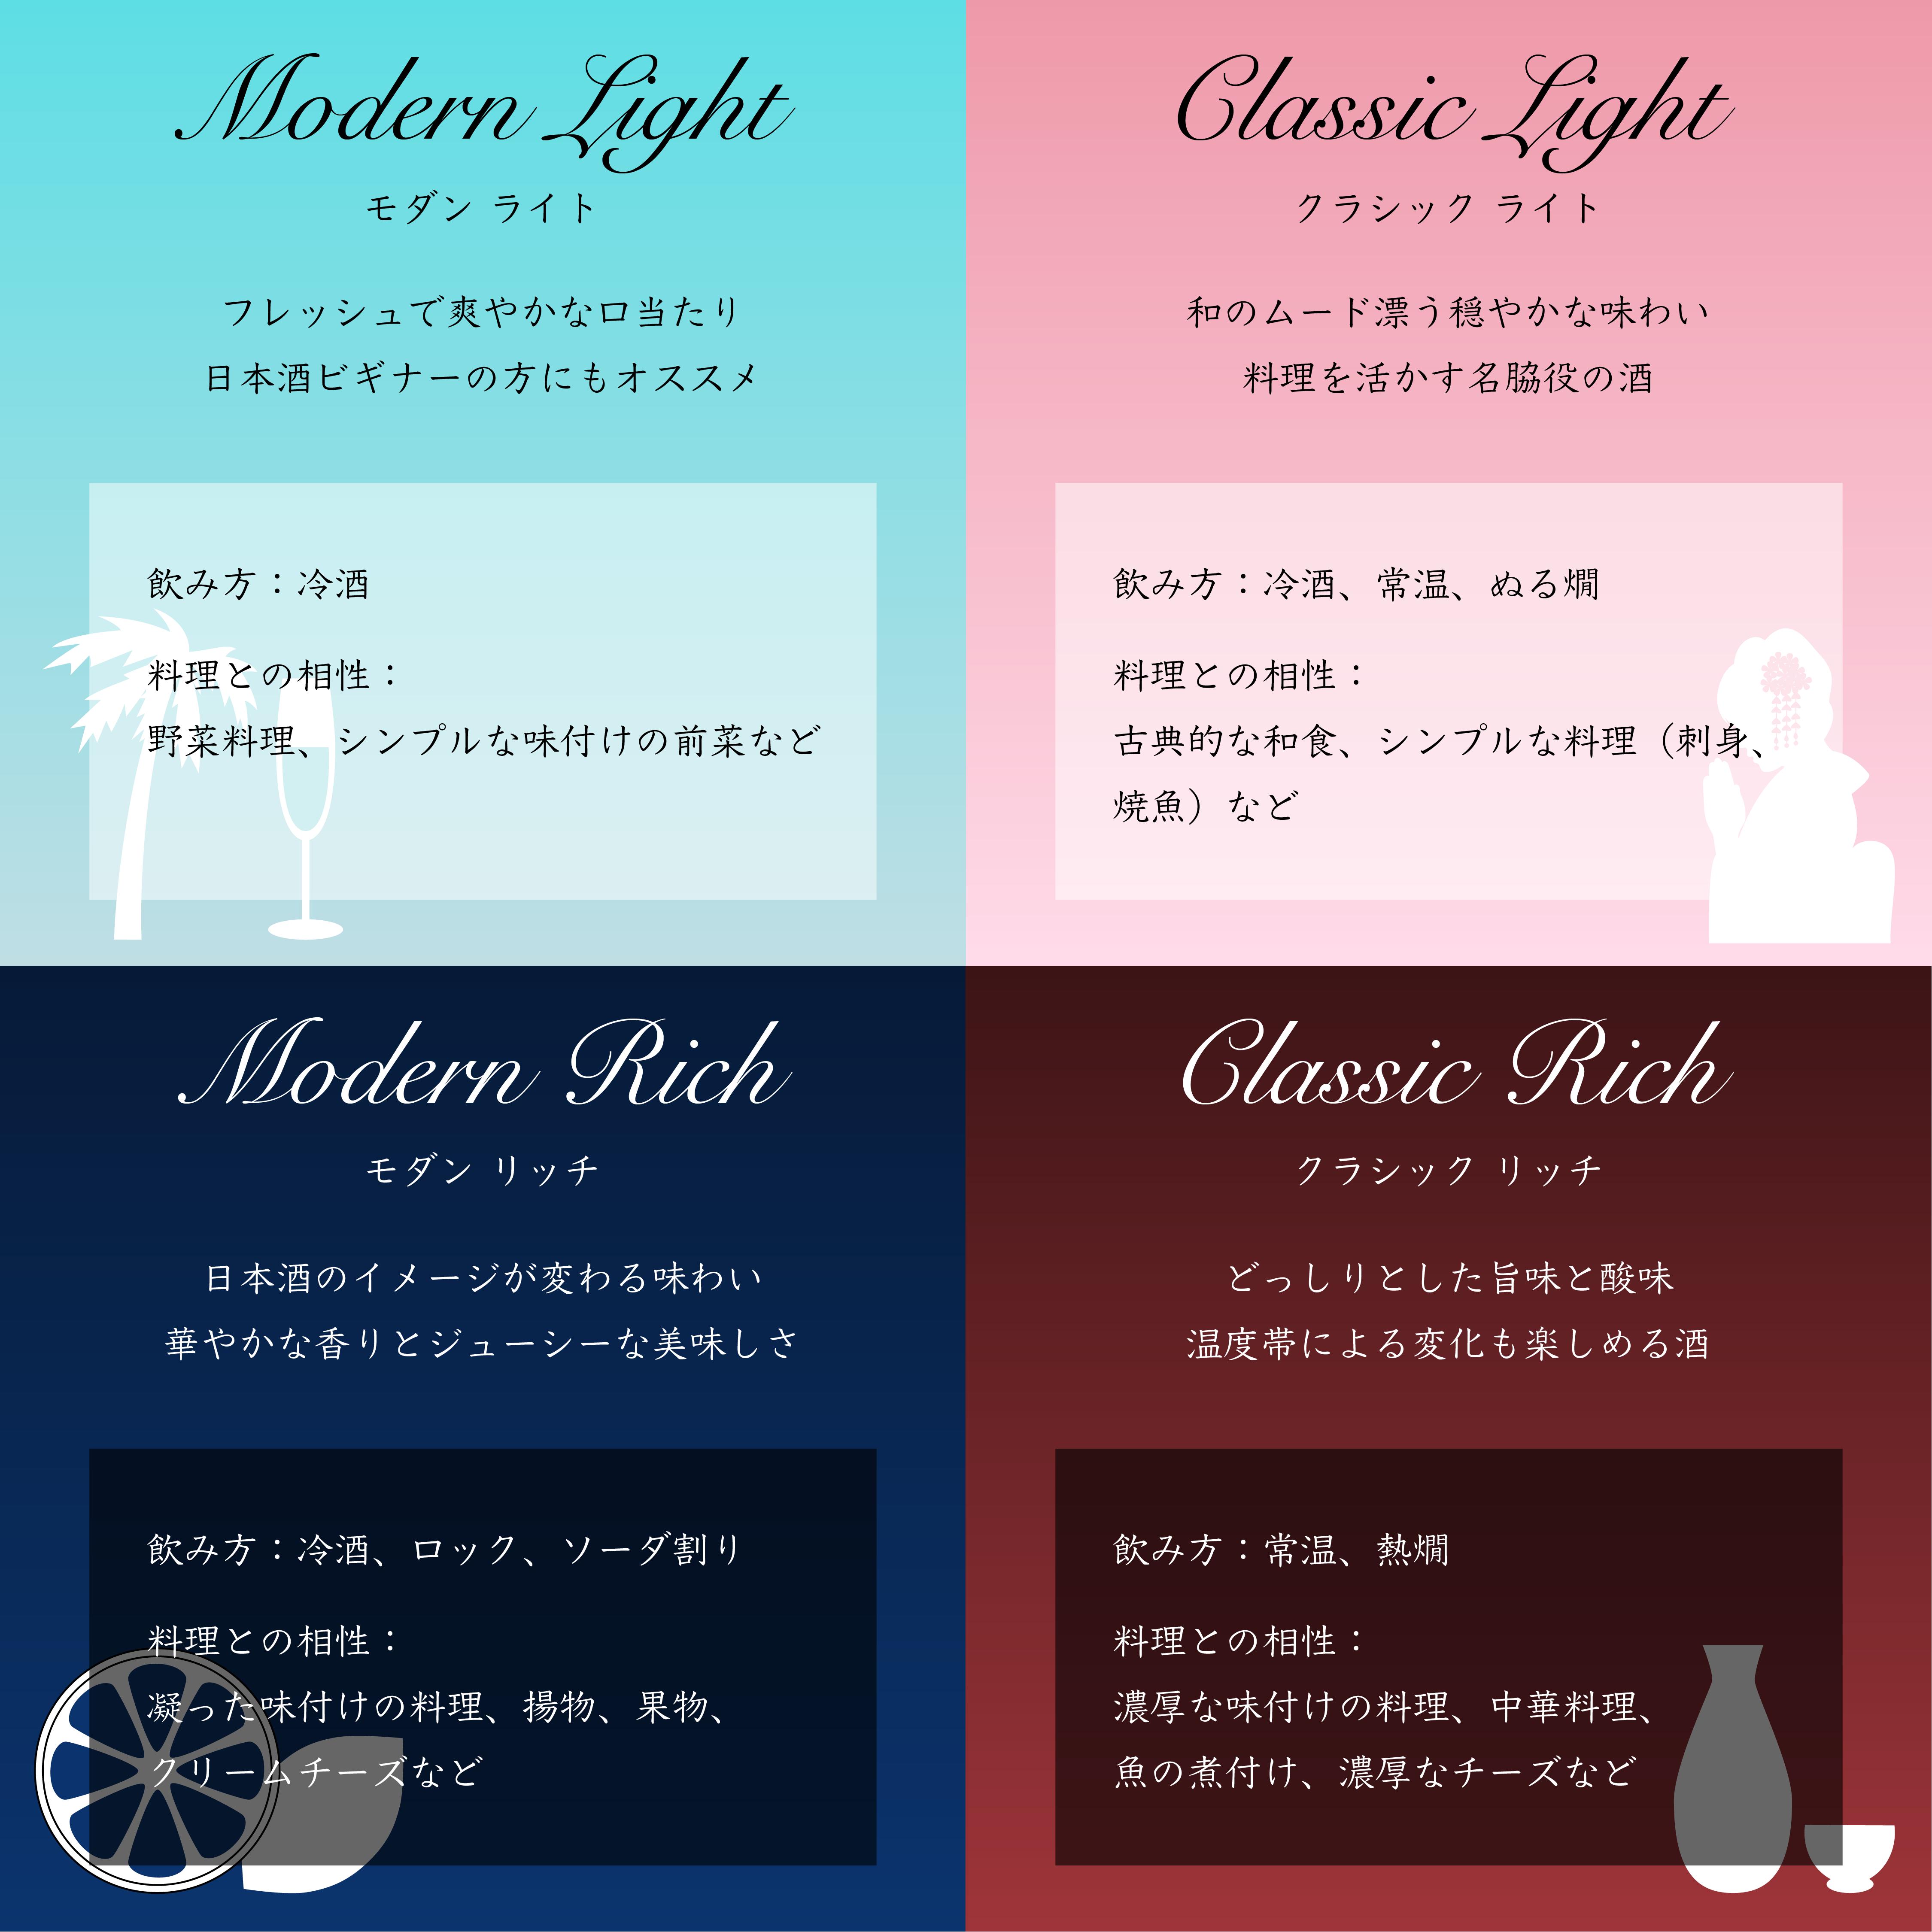 日本酒のモダンとクラシックの選び方の詳細画像